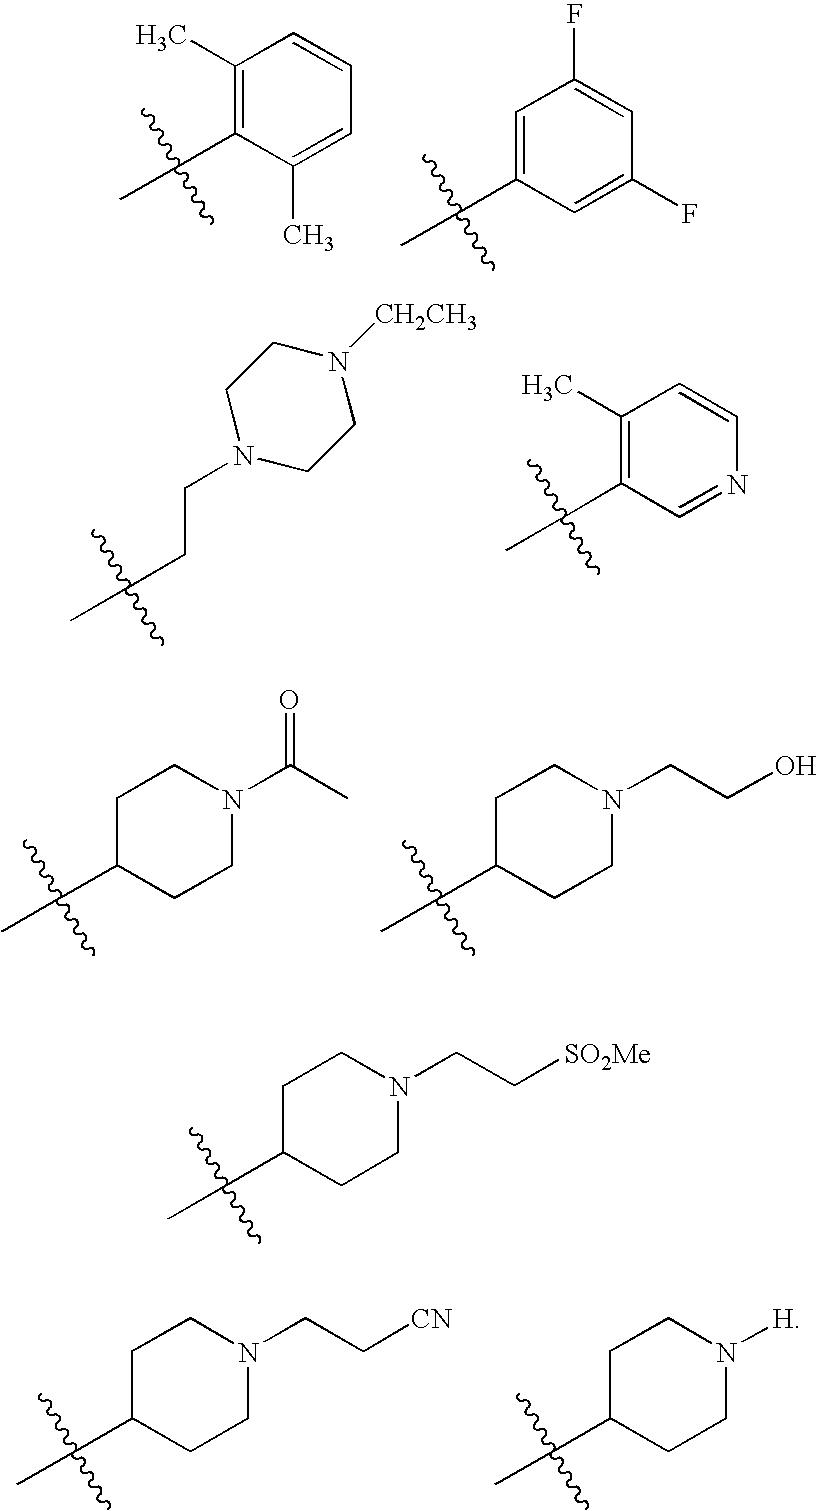 Figure US20090312319A1-20091217-C00026